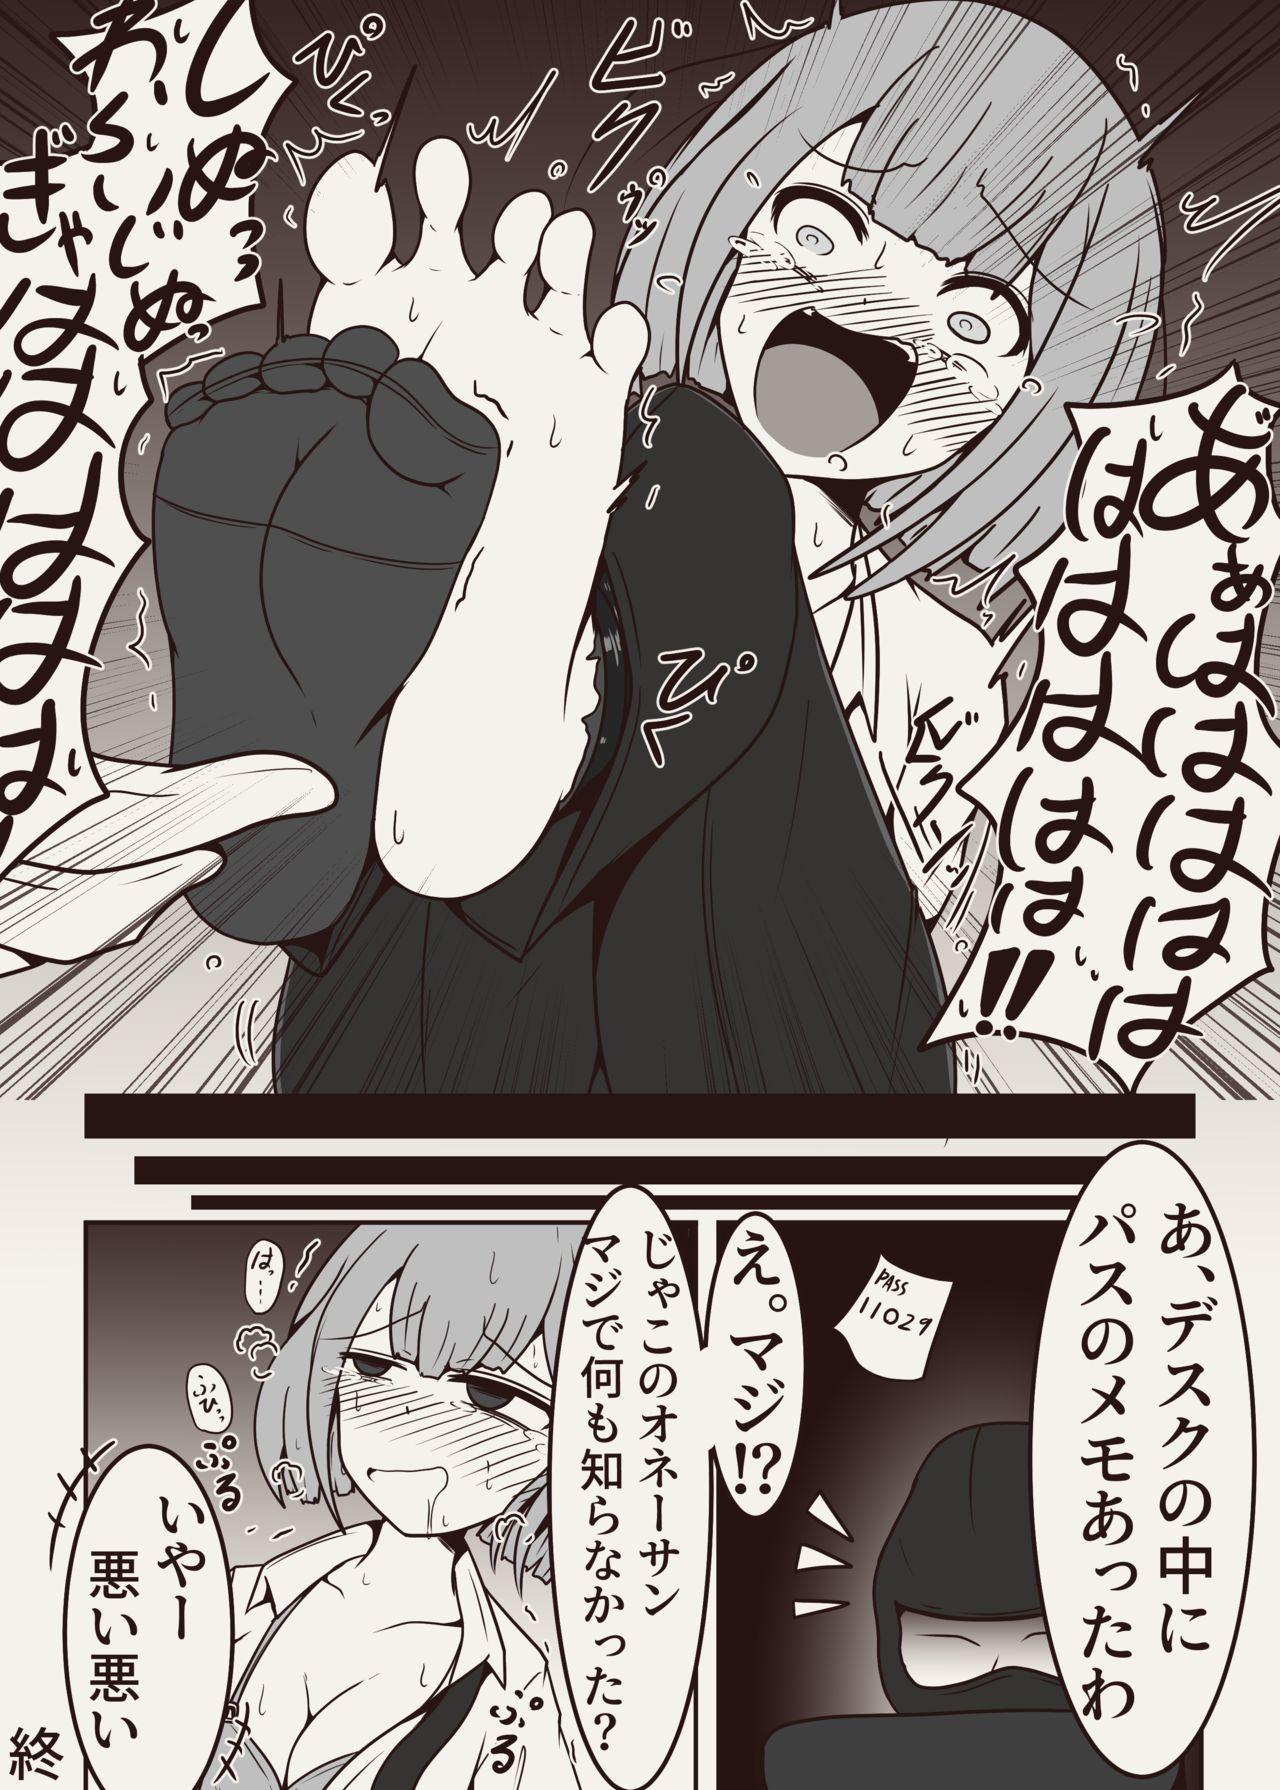 コチョコチョコミック 20